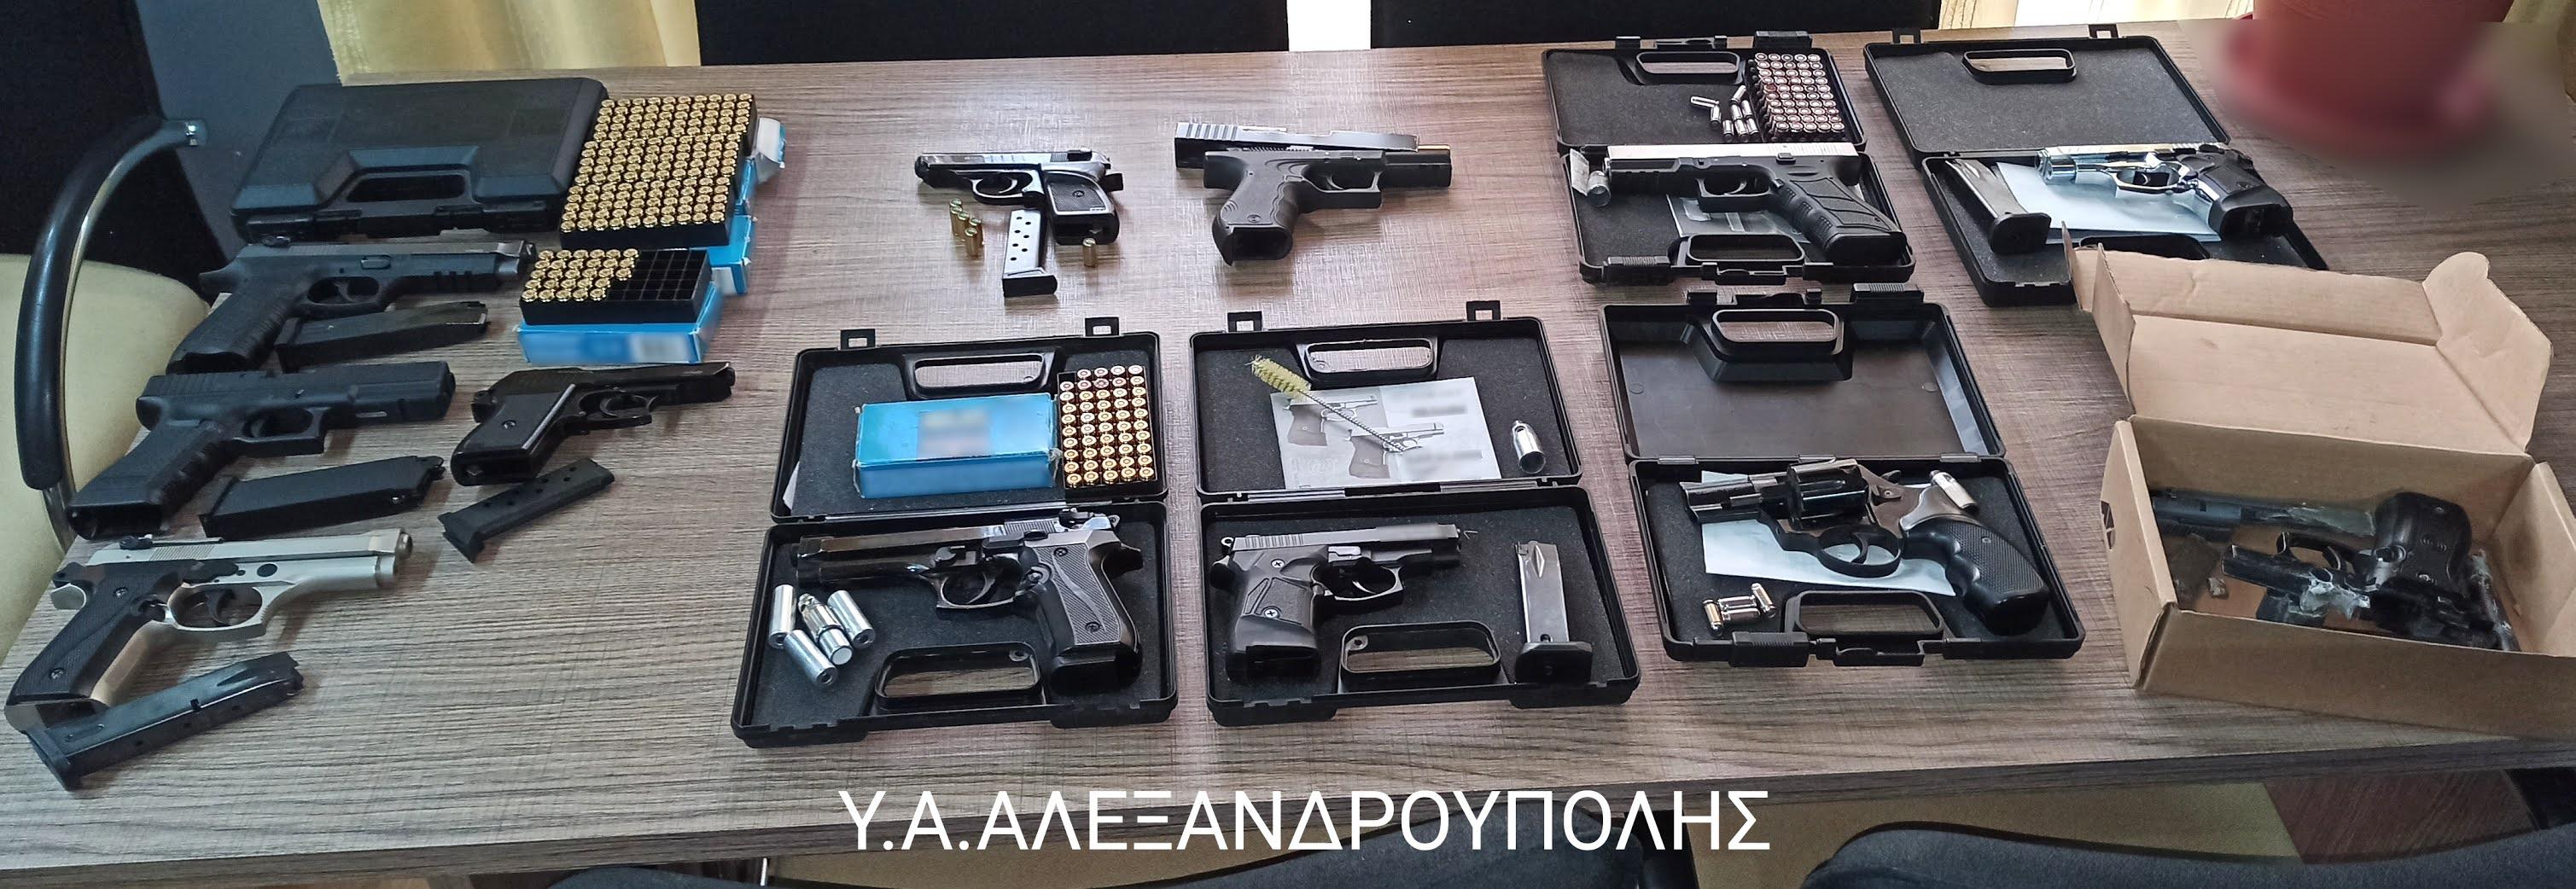 Τα πιστόλια κρότου τους έβαλαν σε δικαστικές περιπέτειες